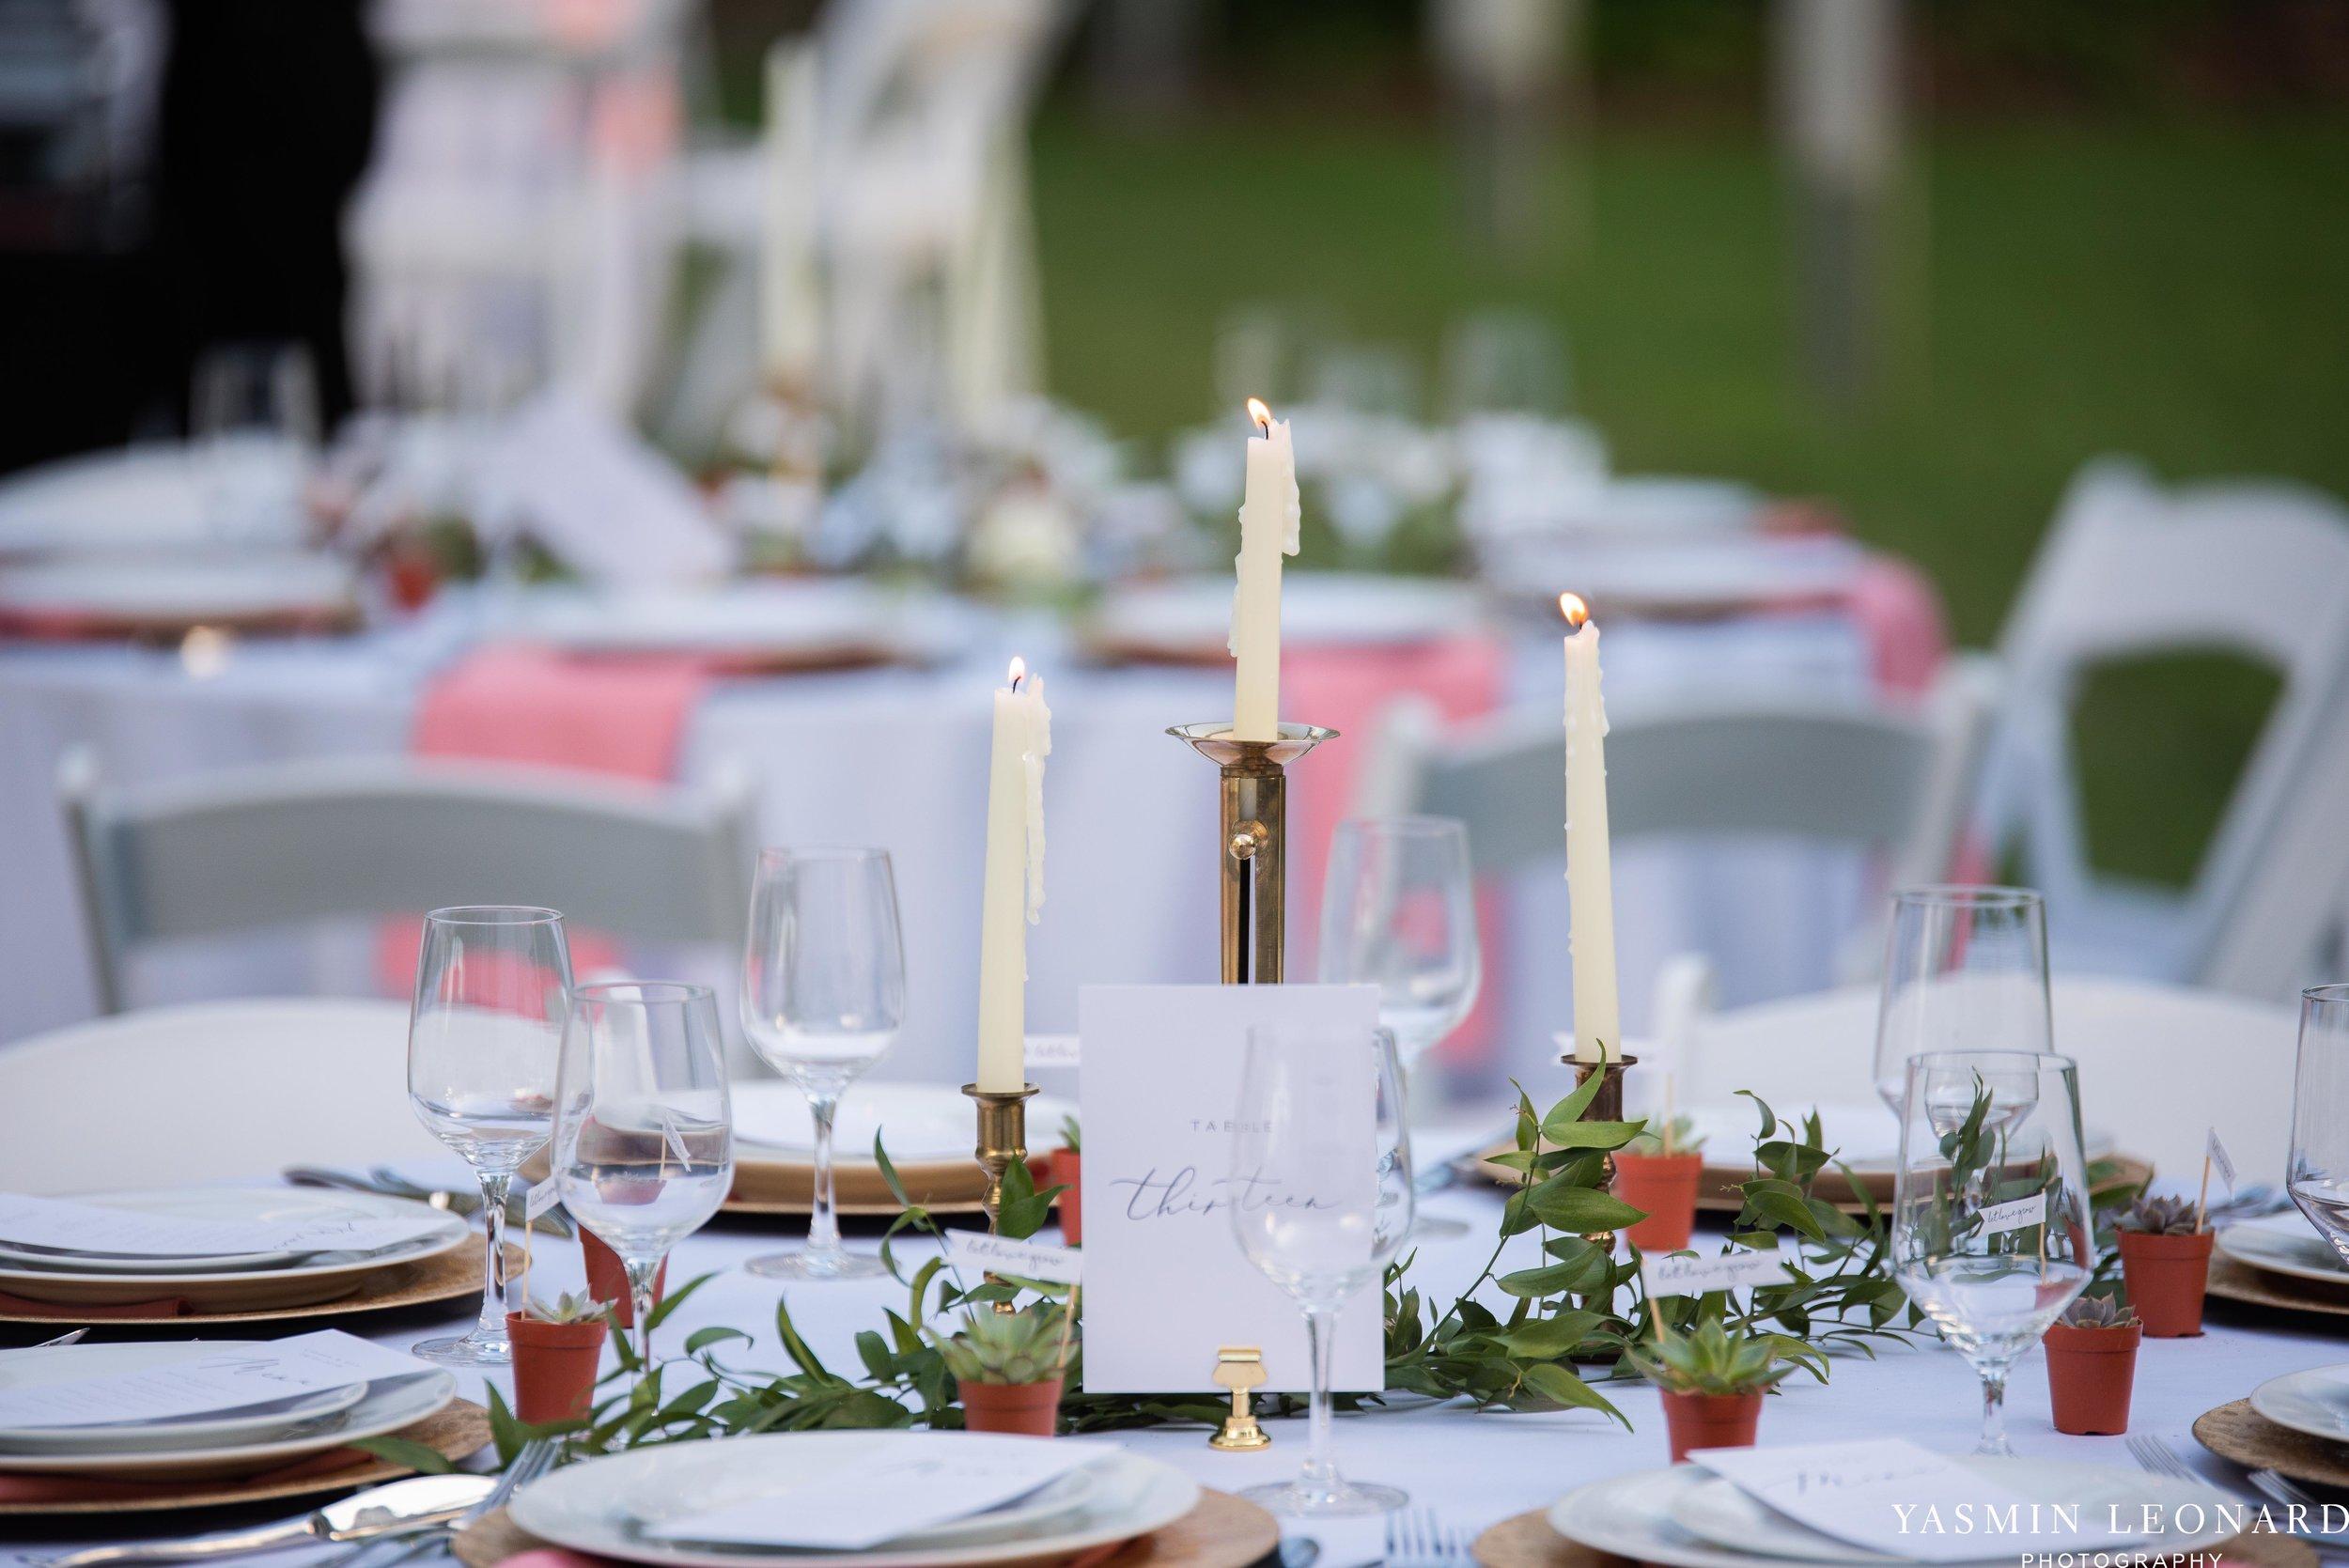 Boxwood Estate - Boxwood Estate Wedding - Luxury Wedding - Black and White Wedding - NC Wedding Venues - NC Weddings - NC Photographer - Lantern Release Grand Exit - Large Wedding Party - Yasmin Leonard Photography-53.jpg